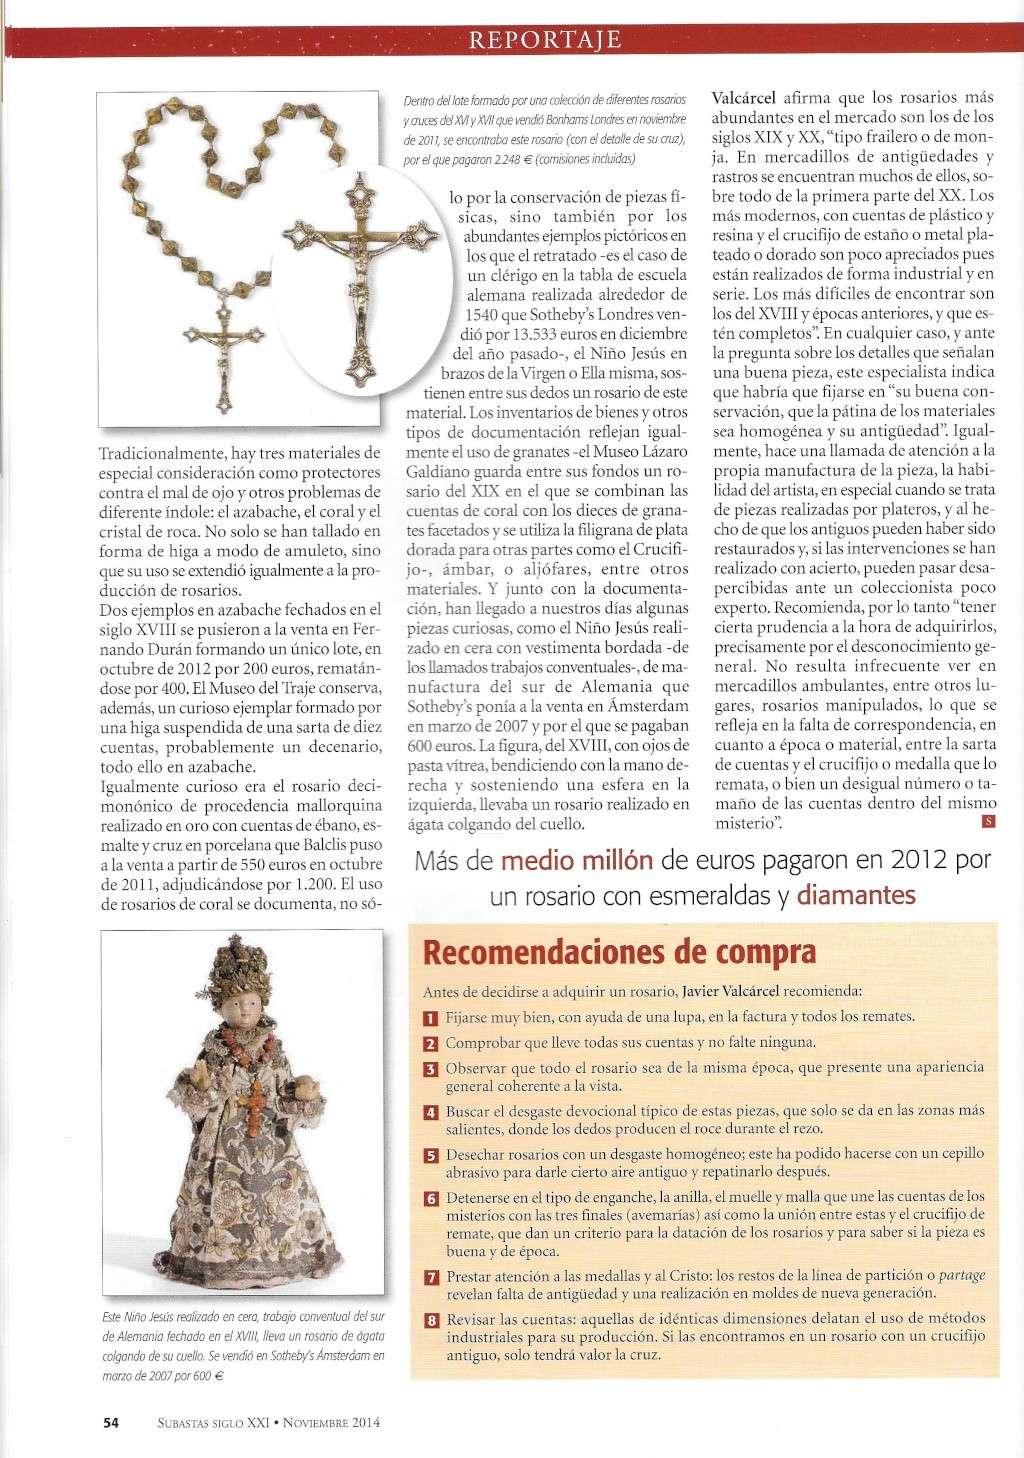 REPORTAJE SOBRE ROSARIOS EN REVISTA SIGLO XXI - SUBASTAS - NOVIEMBRE 2014 Rosari18